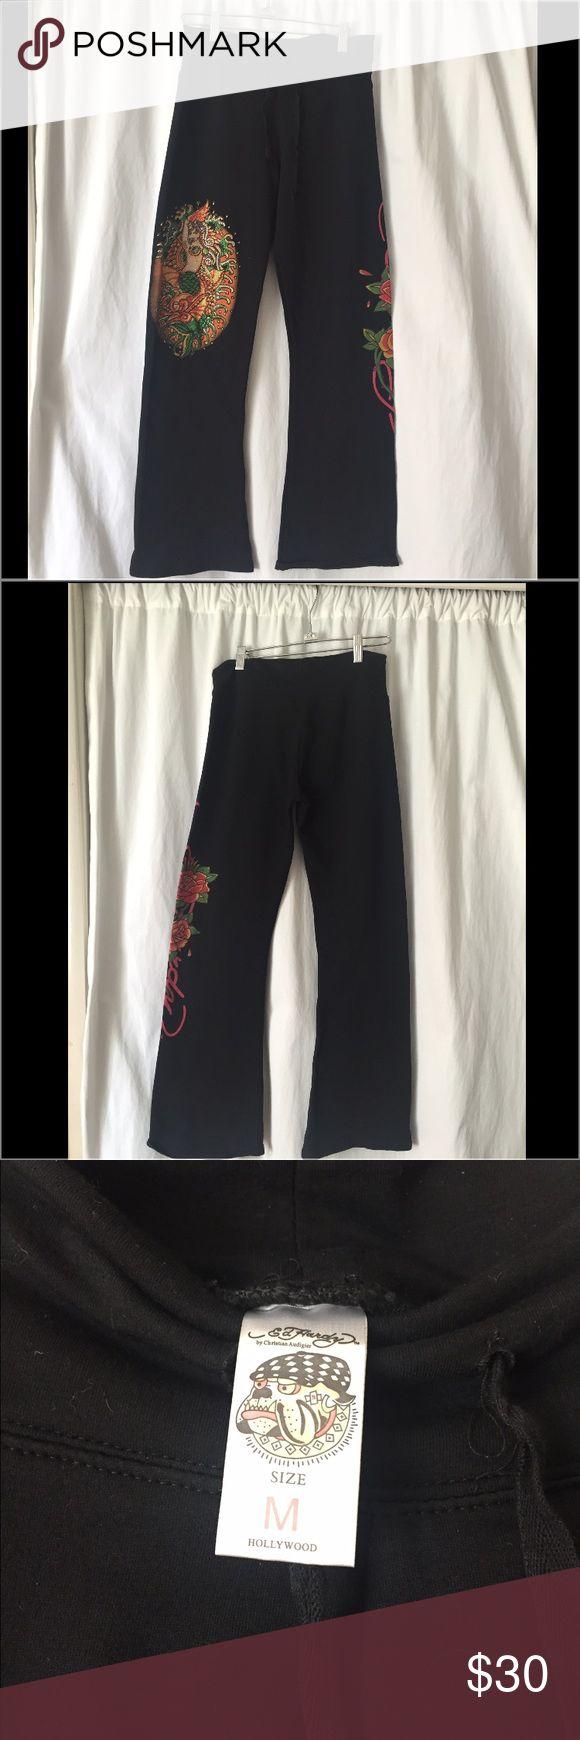 Selling this Ed Hardy sweatpants NWOT 🌺😍❤️Sz M on Poshmark! My username is: mygirls1618. #shopmycloset #poshmark #fashion #shopping #style #forsale #Ed Hardy #Pants